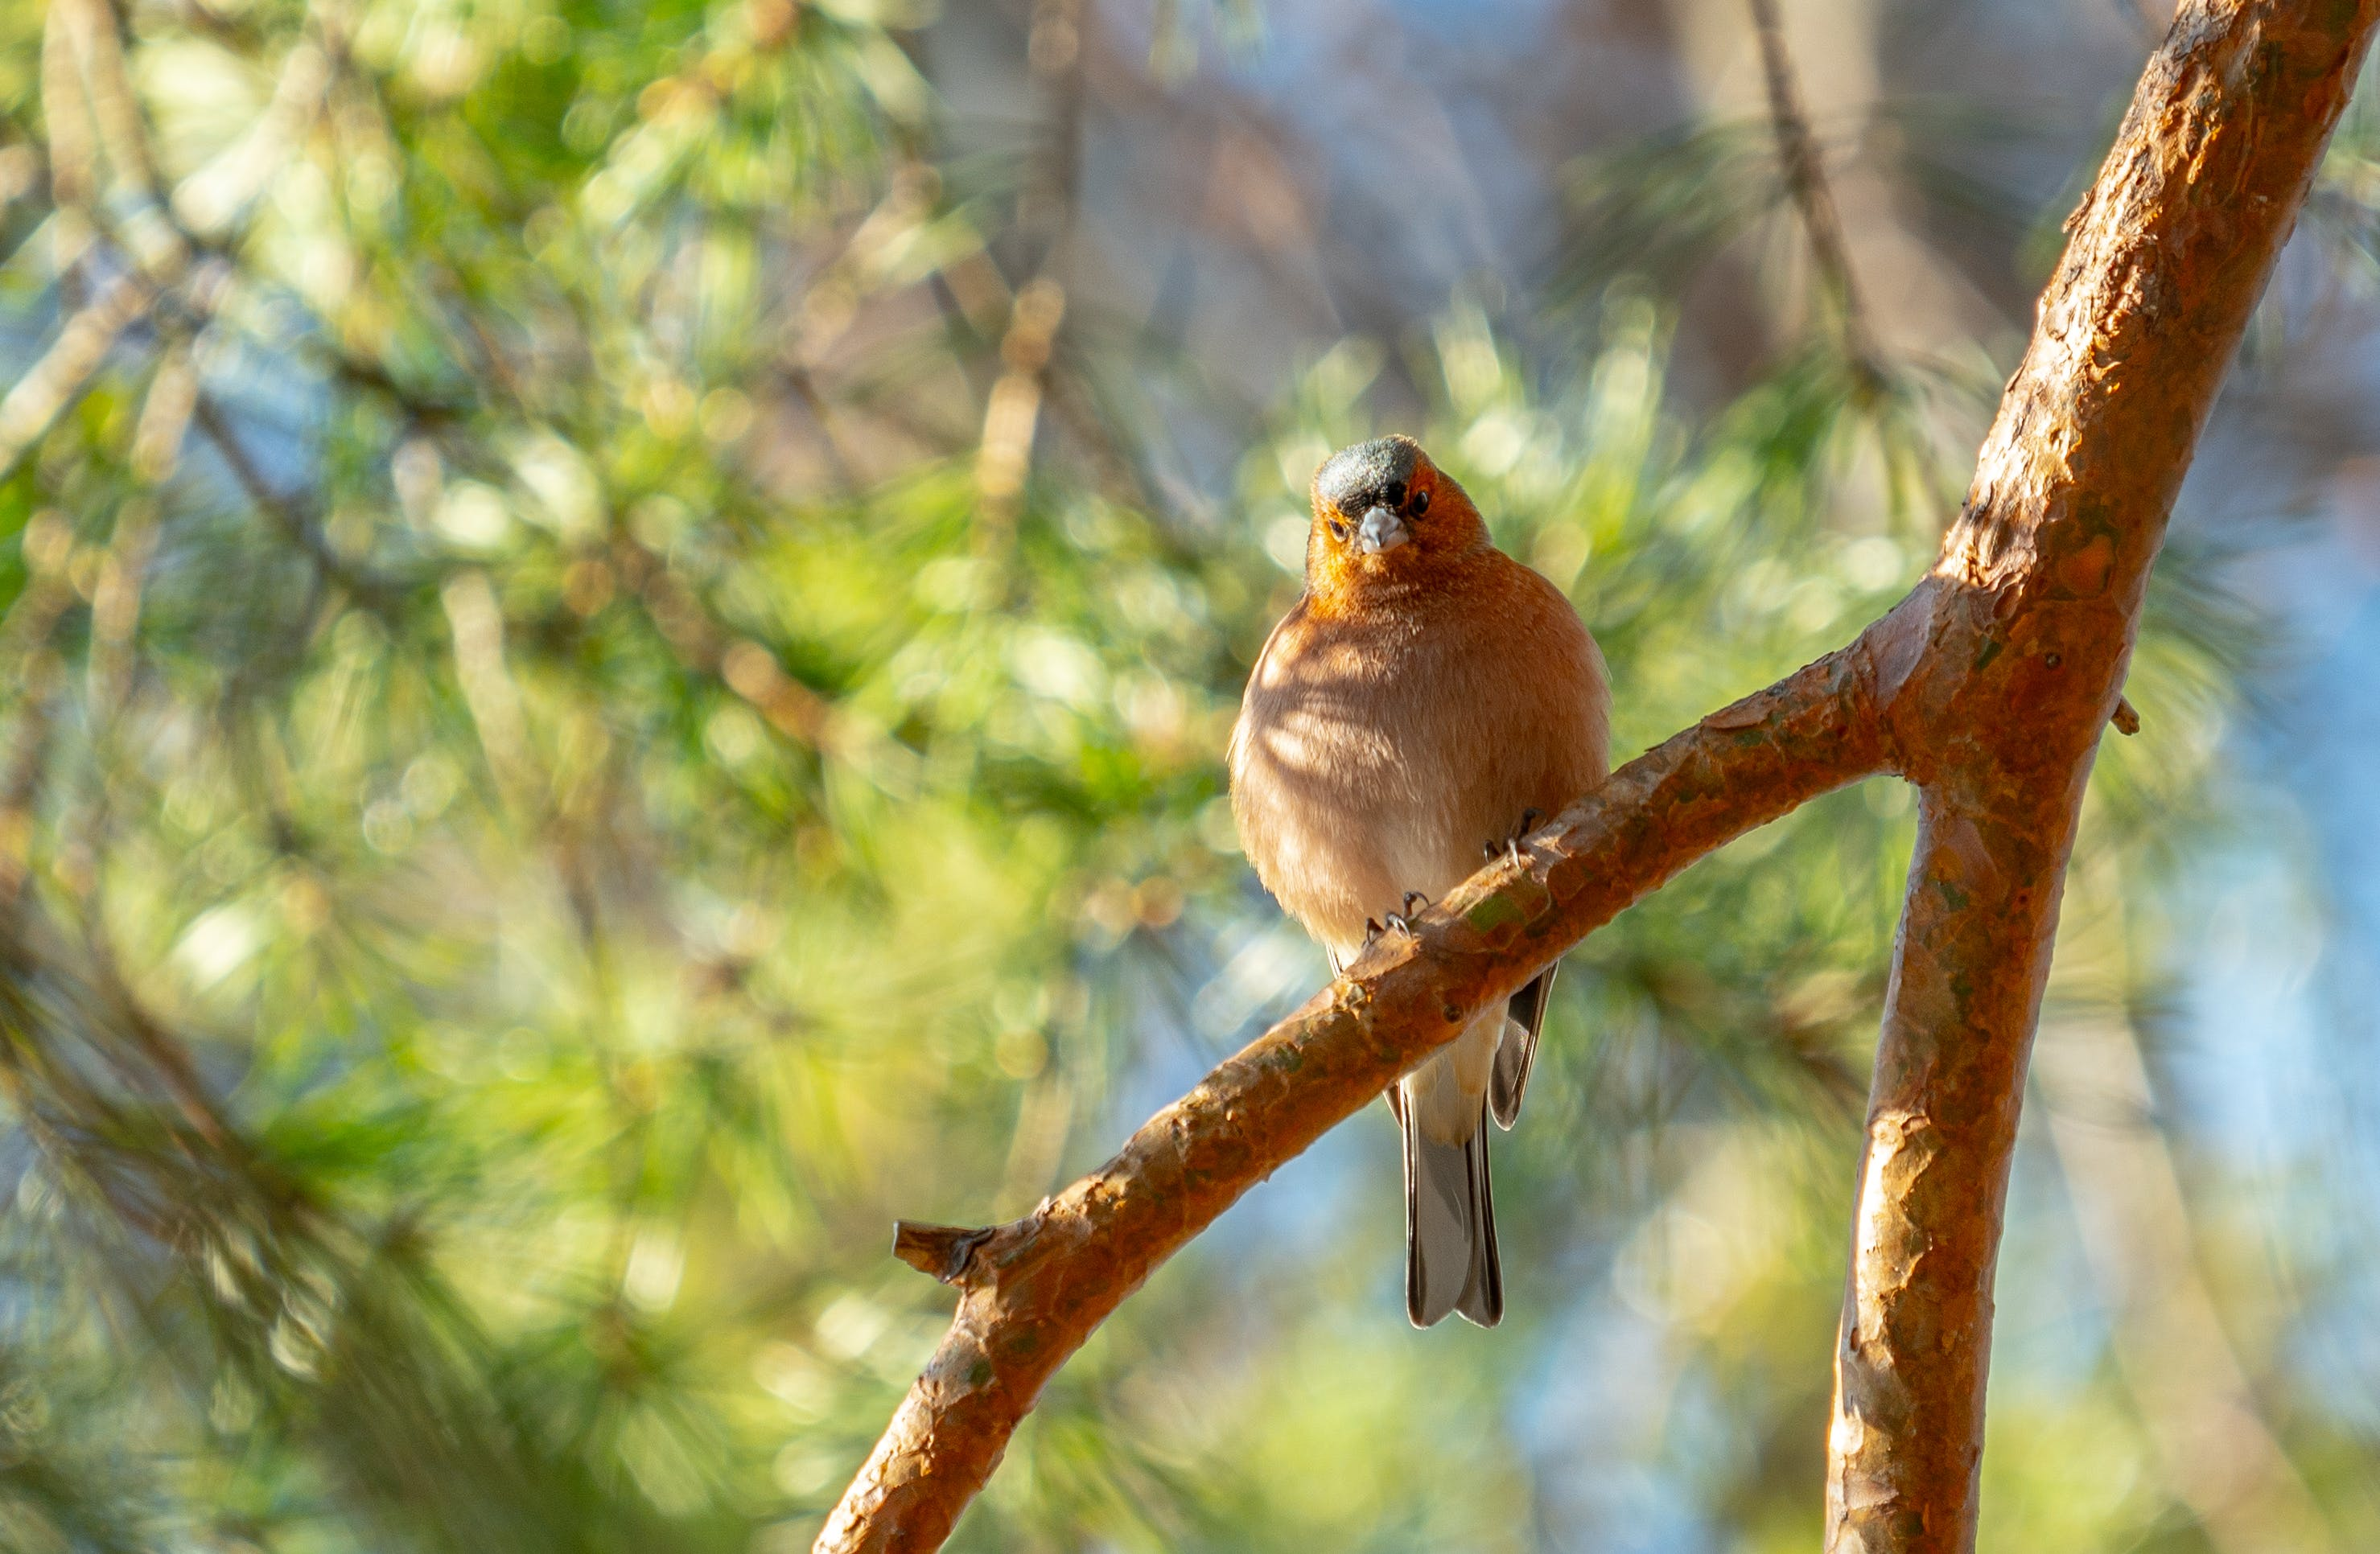 天性, 樹, 鳥 的 免費圖庫相片